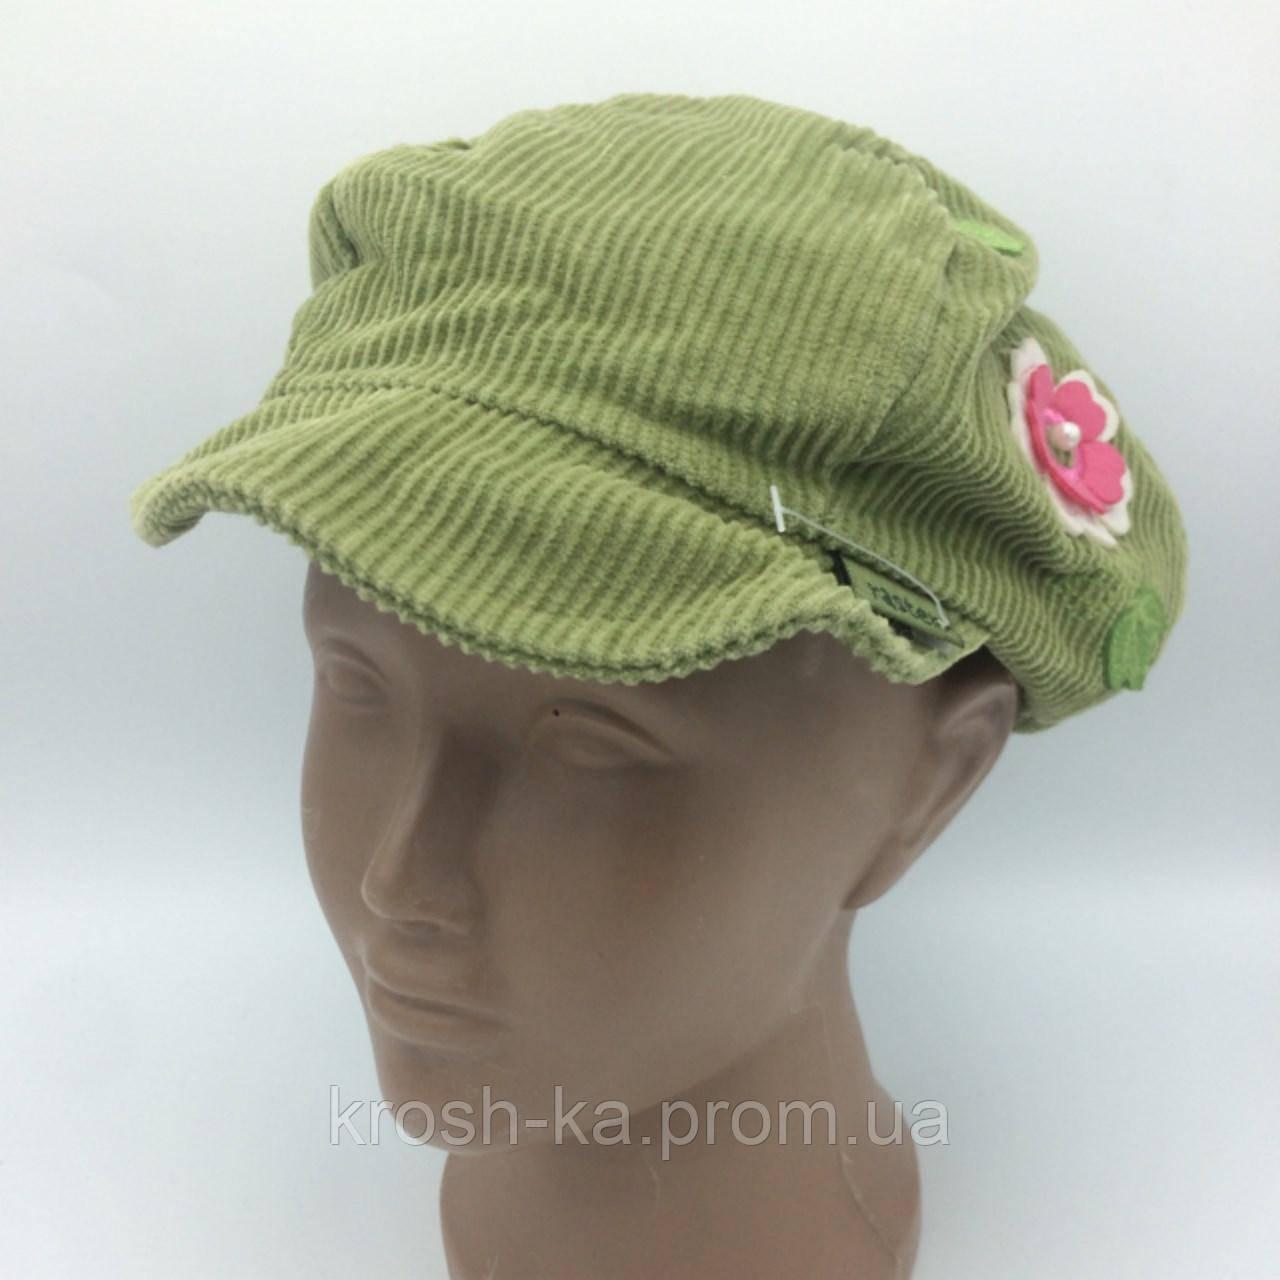 Шапка кепка для девочки (52-54)р вельвет зелёная Raster Польша